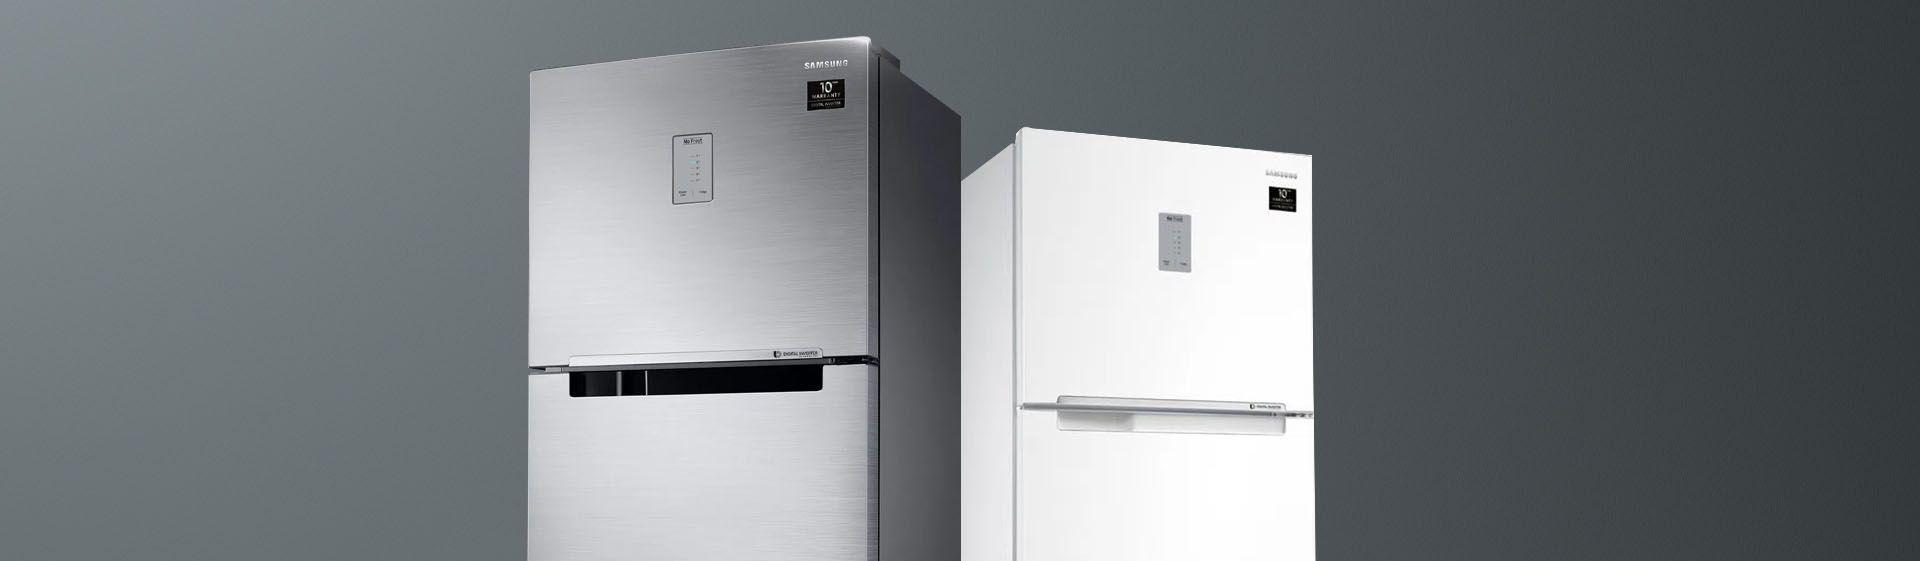 Geladeira Samsung Evolution RT38 e RT46: confira a análise de ficha técnica da linha com tecnologia POWERvolt